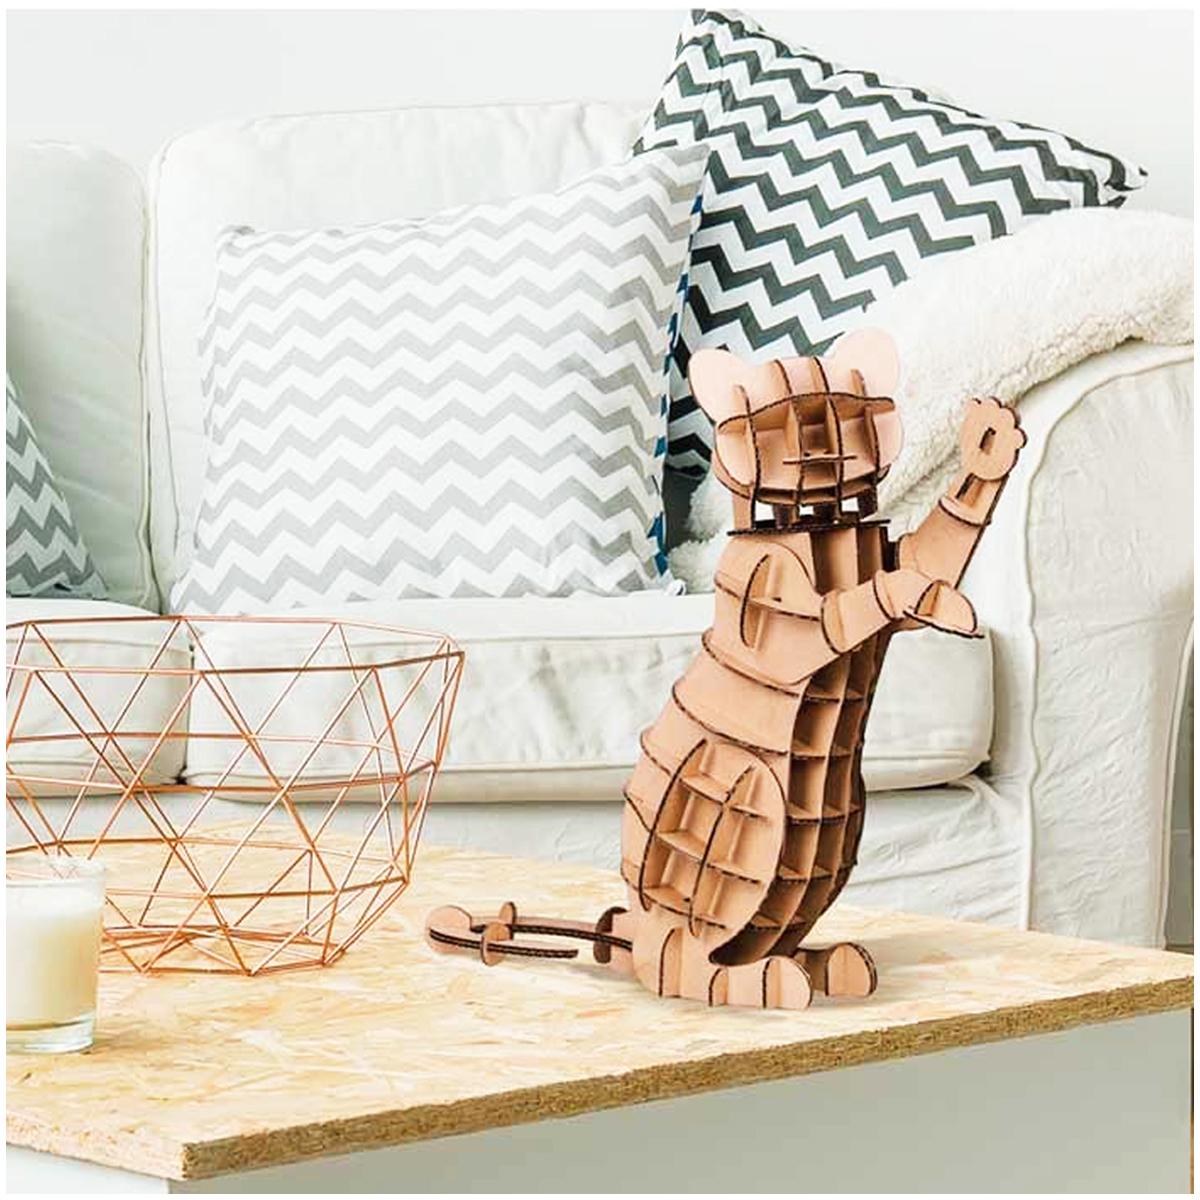 Figurine carton 3D \'Chat\' - planches 30x305 cm - [Q9218]